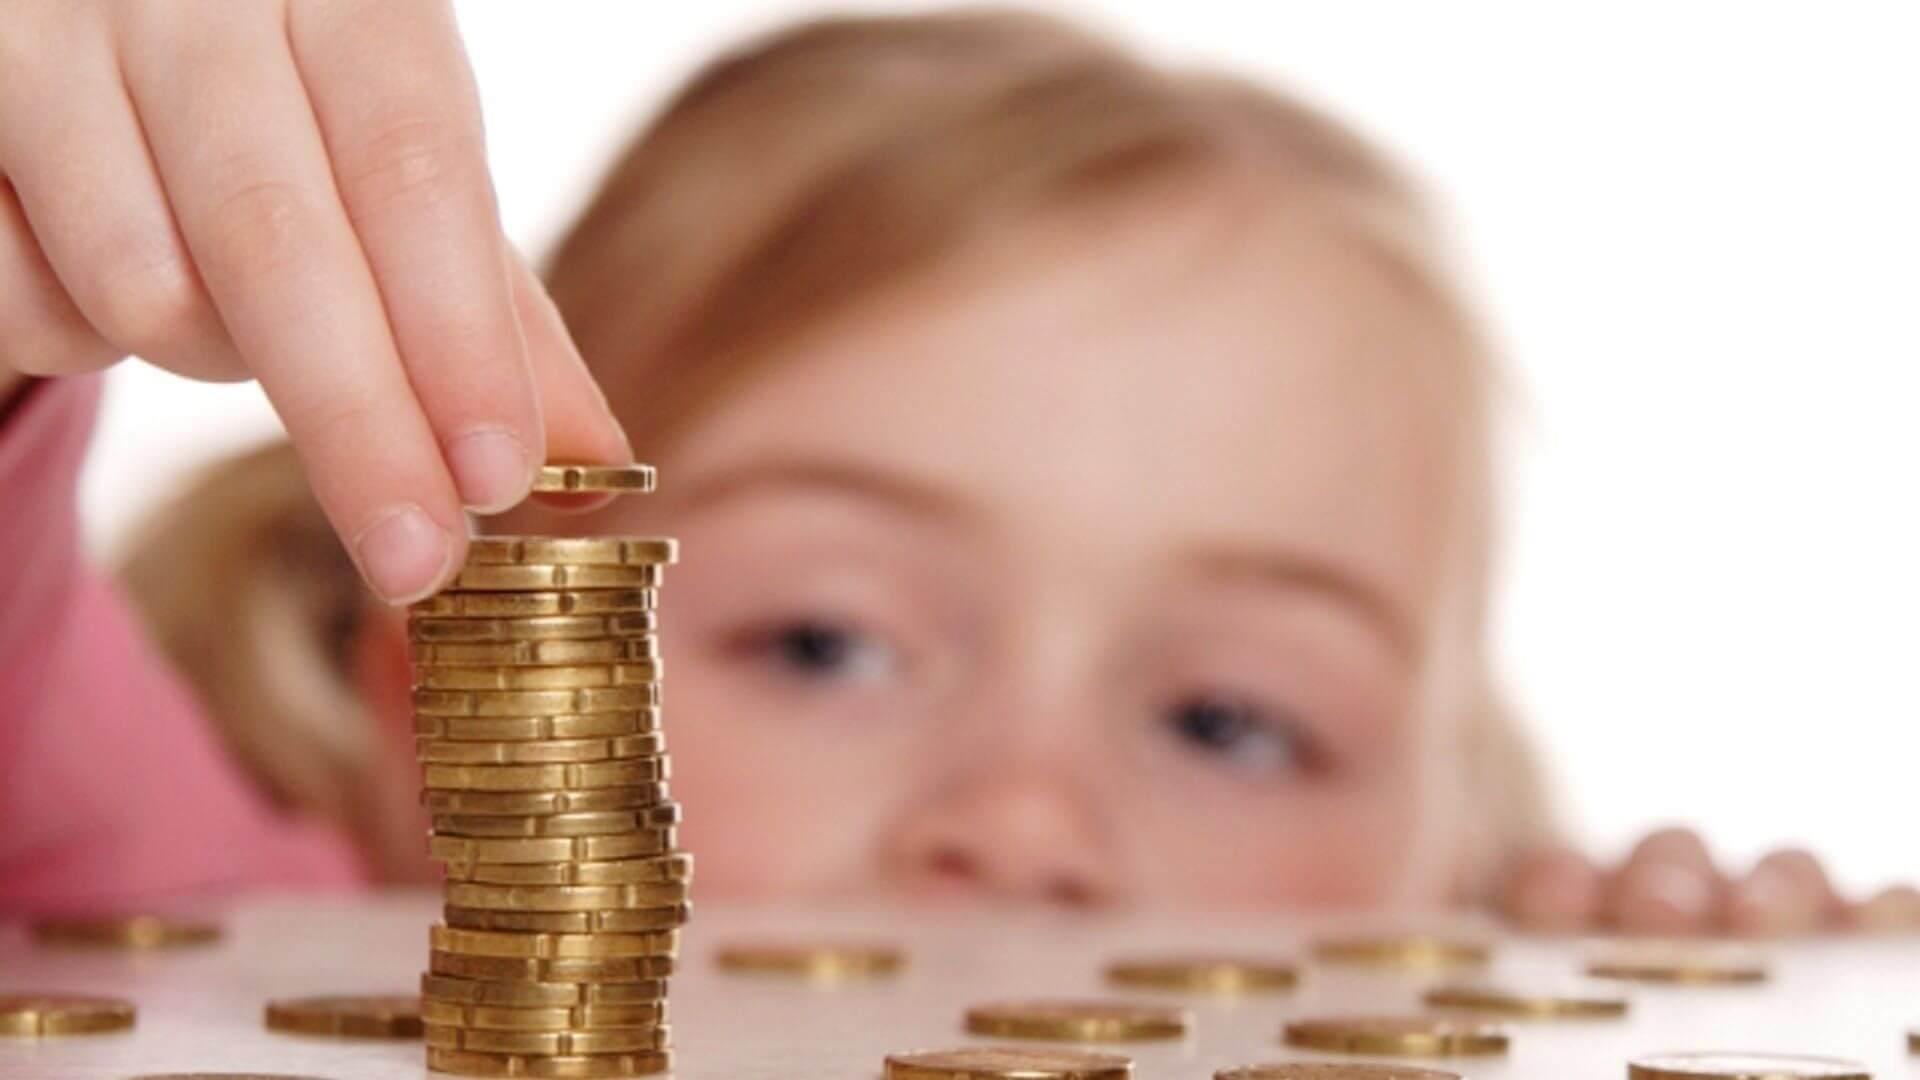 Увеличение алиментов на содержание ребенка. Как прокормить ребенка